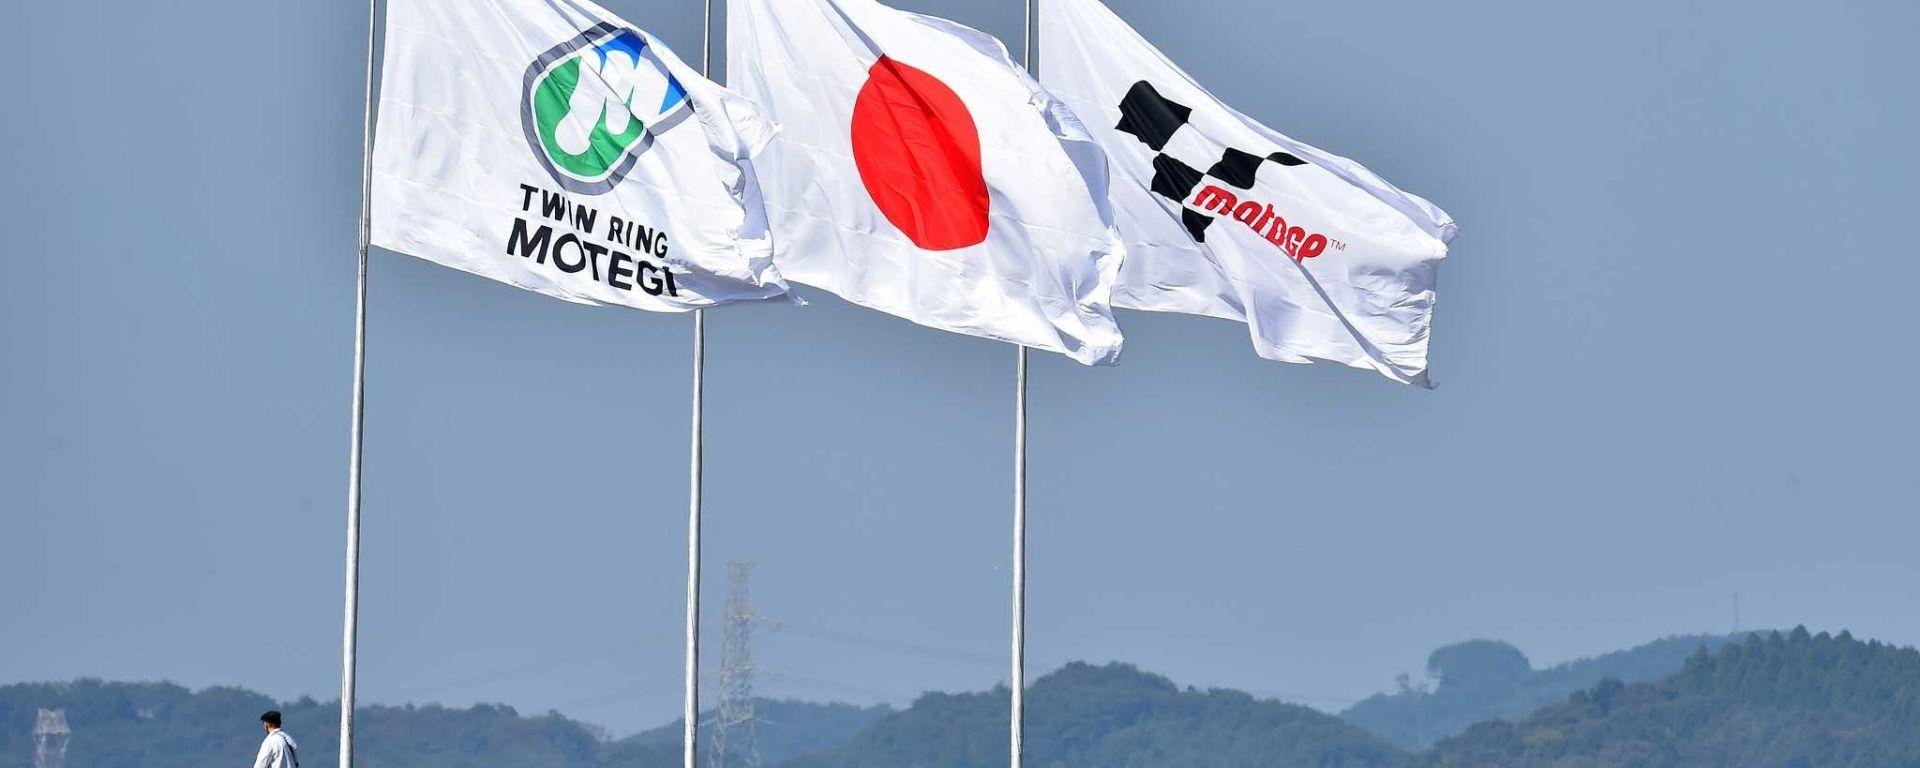 MotoGP Motegi Giappone: Prove libere, qualifiche, risultati gara